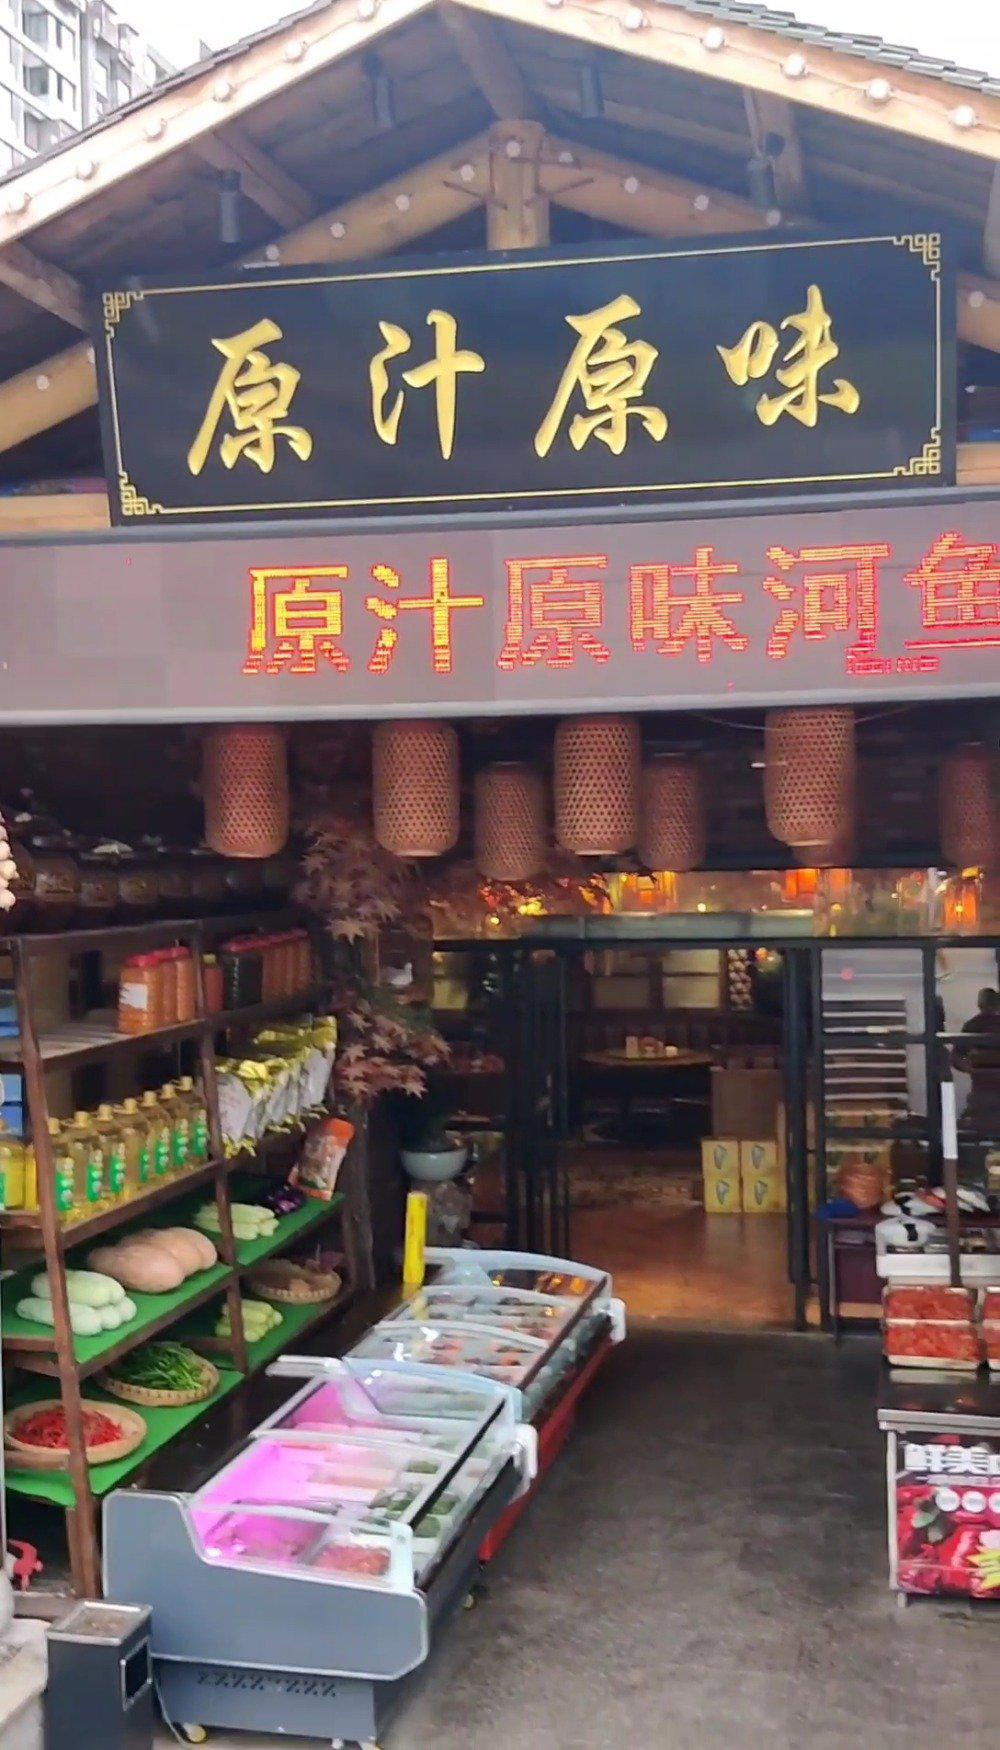 今天美食管家刘江带你一起探店——原汁原味河鱼馆